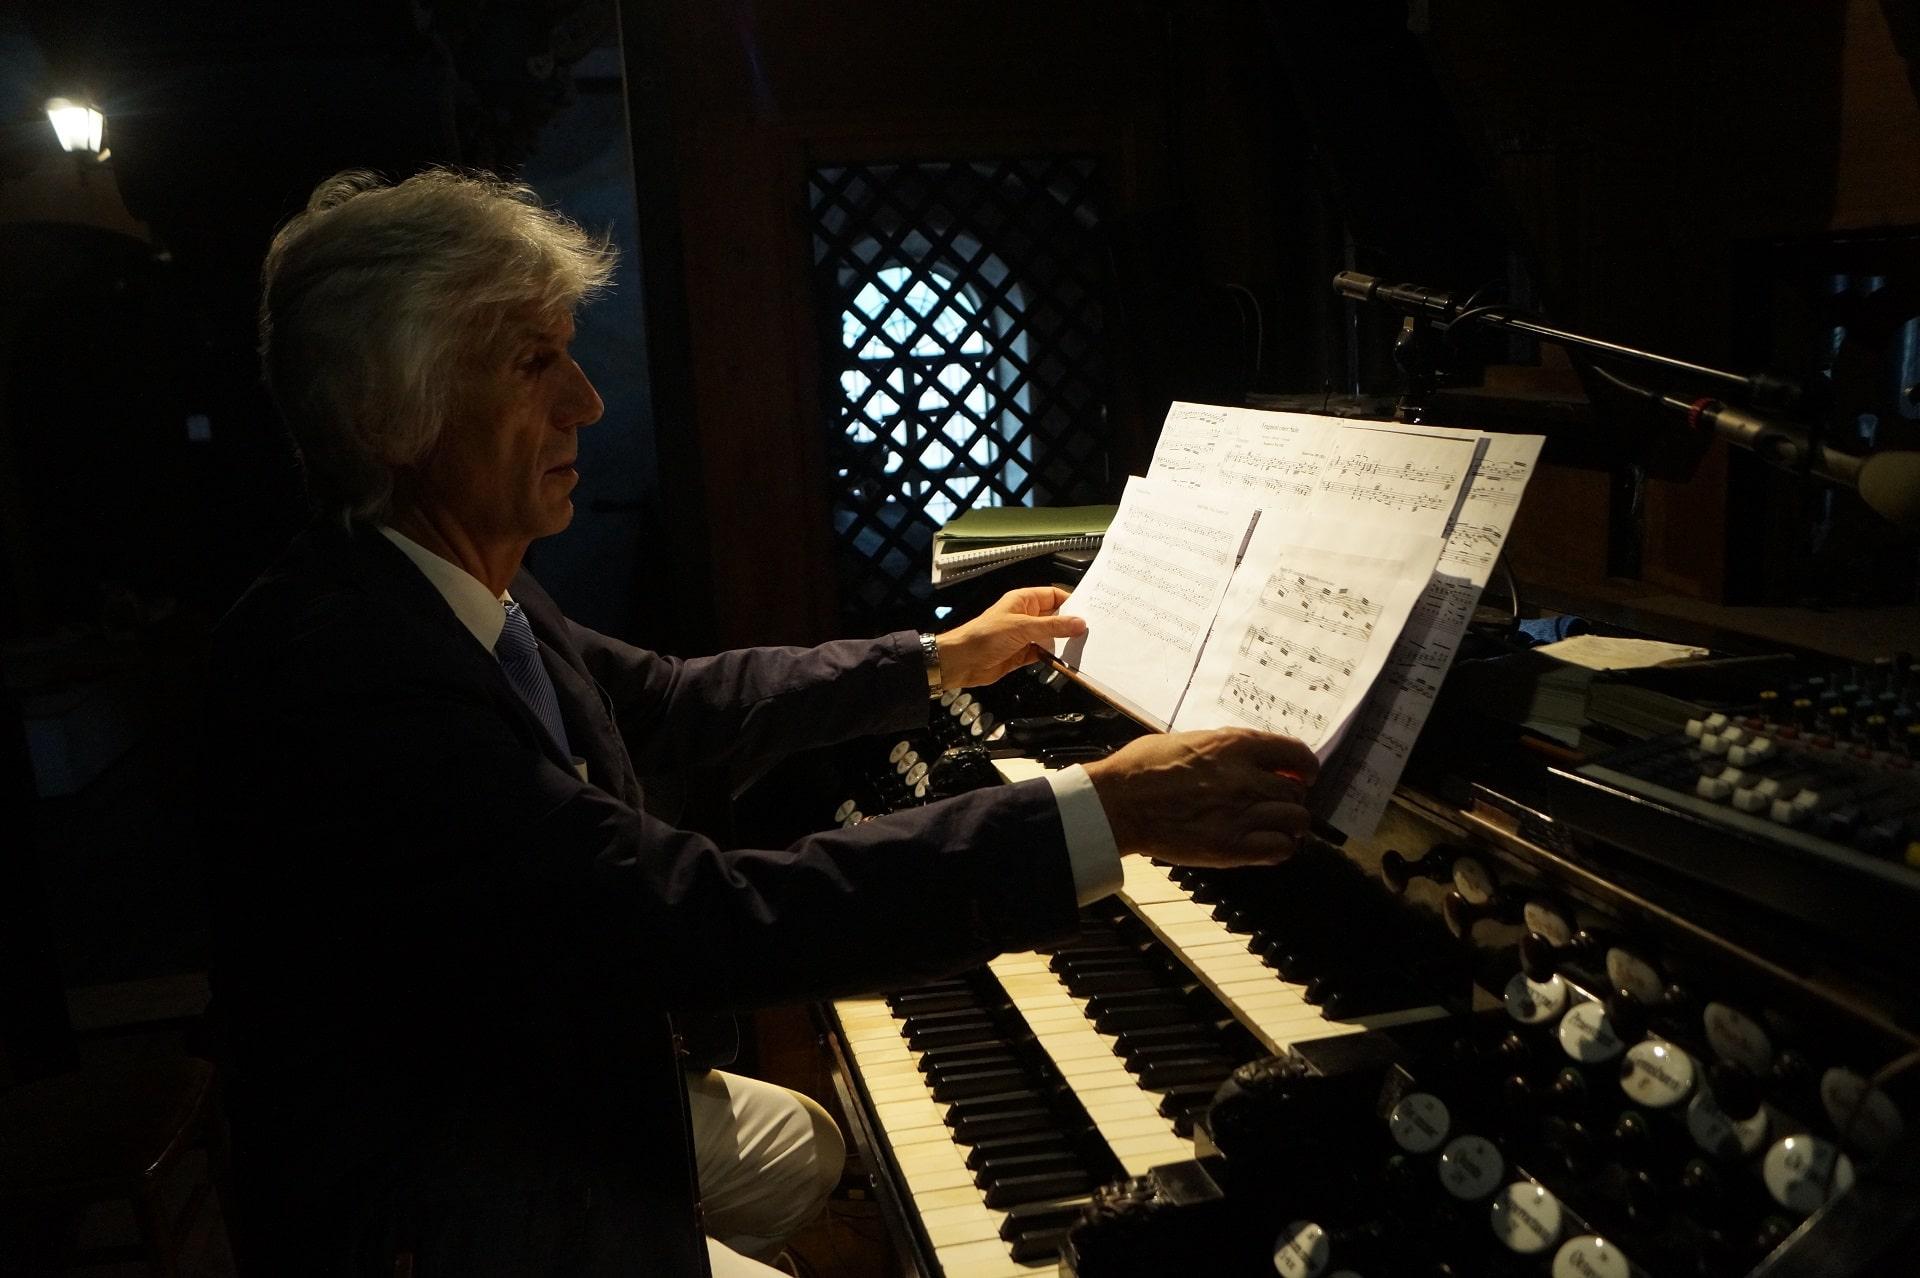 22.07.2019 XXVIII Festiwal Muzyki Organowej i Kameralnej Leżajsk